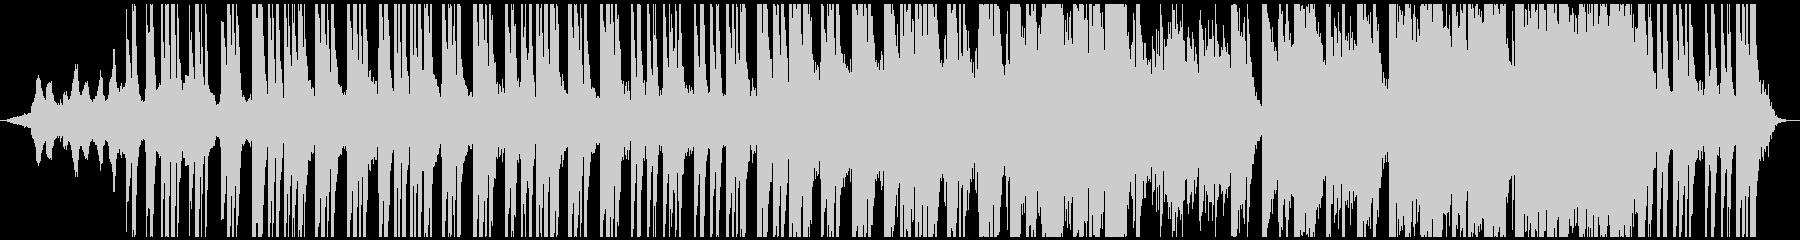 ピアノ、生アコギ、リズムレス、超切ないの未再生の波形